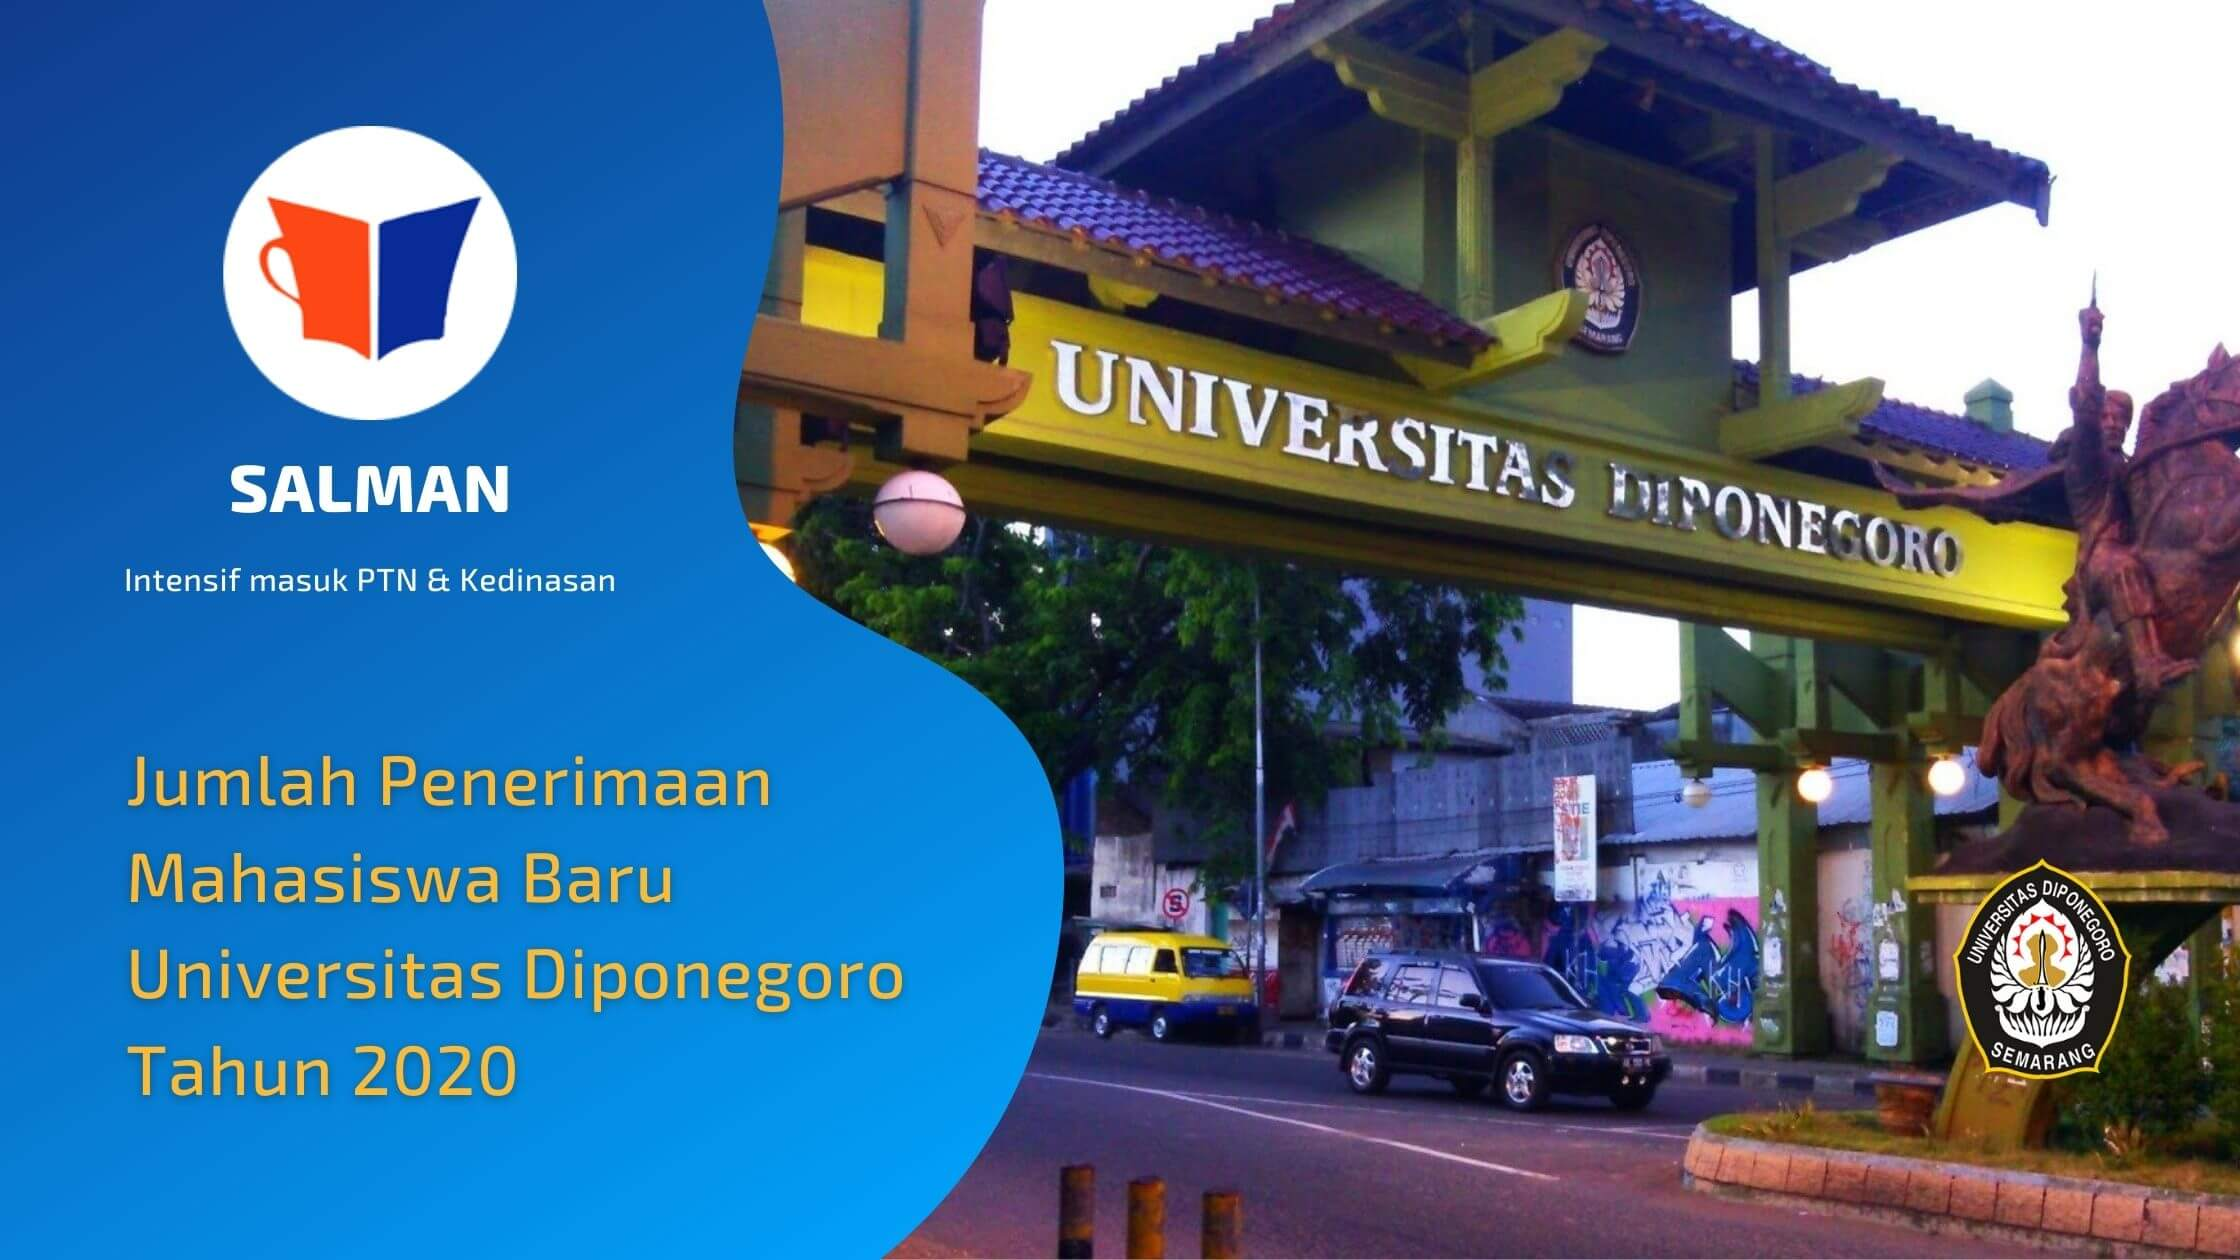 Jumlah Penerimaan Mahasiswa Baru Universitas Diponegoro Tahun 2020